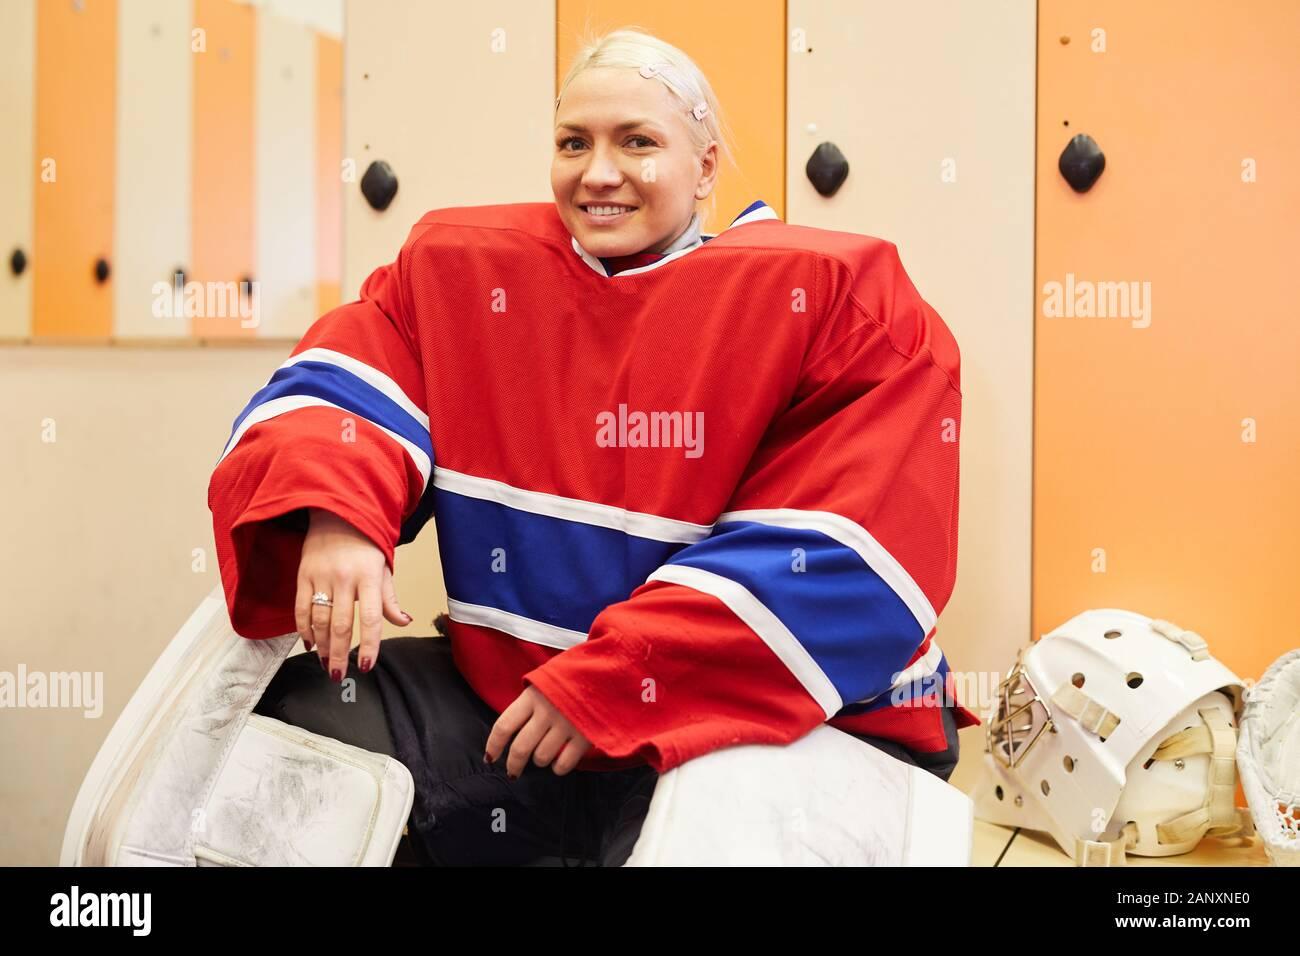 Porträt der jungen weiblichen hockey player lächelnd in die Kamera während im Schließfachraum posiert vor dem Match, kopieren Raum Stockfoto